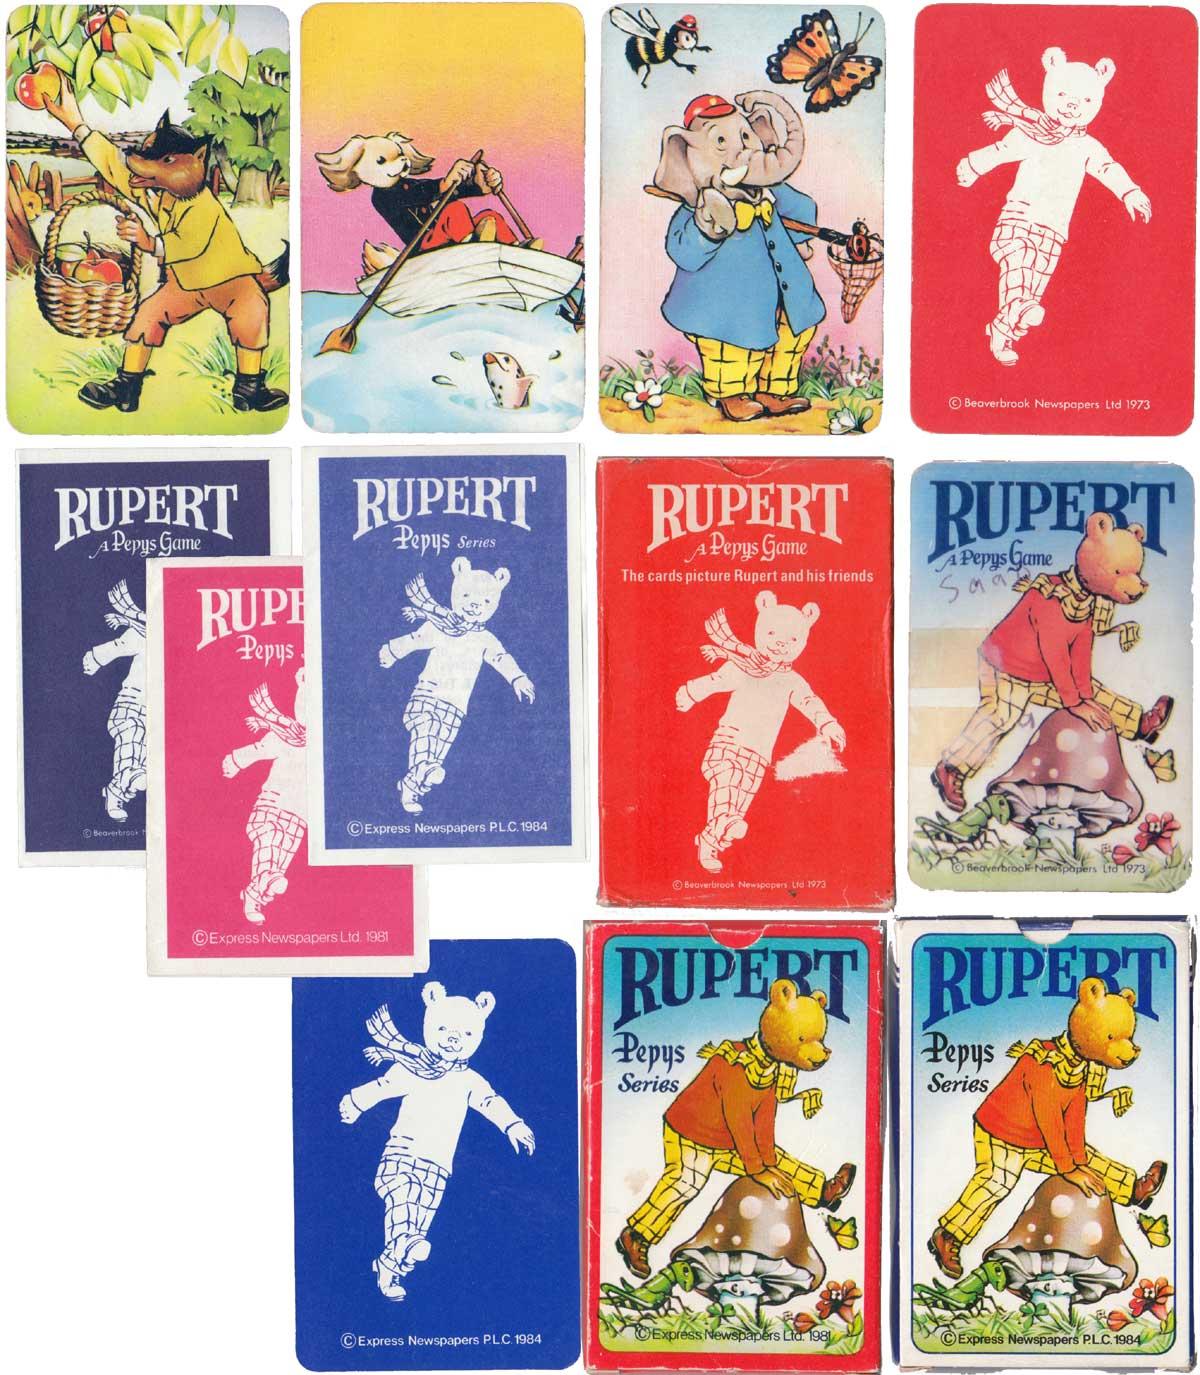 Rupert, a Pepys Game, 1973